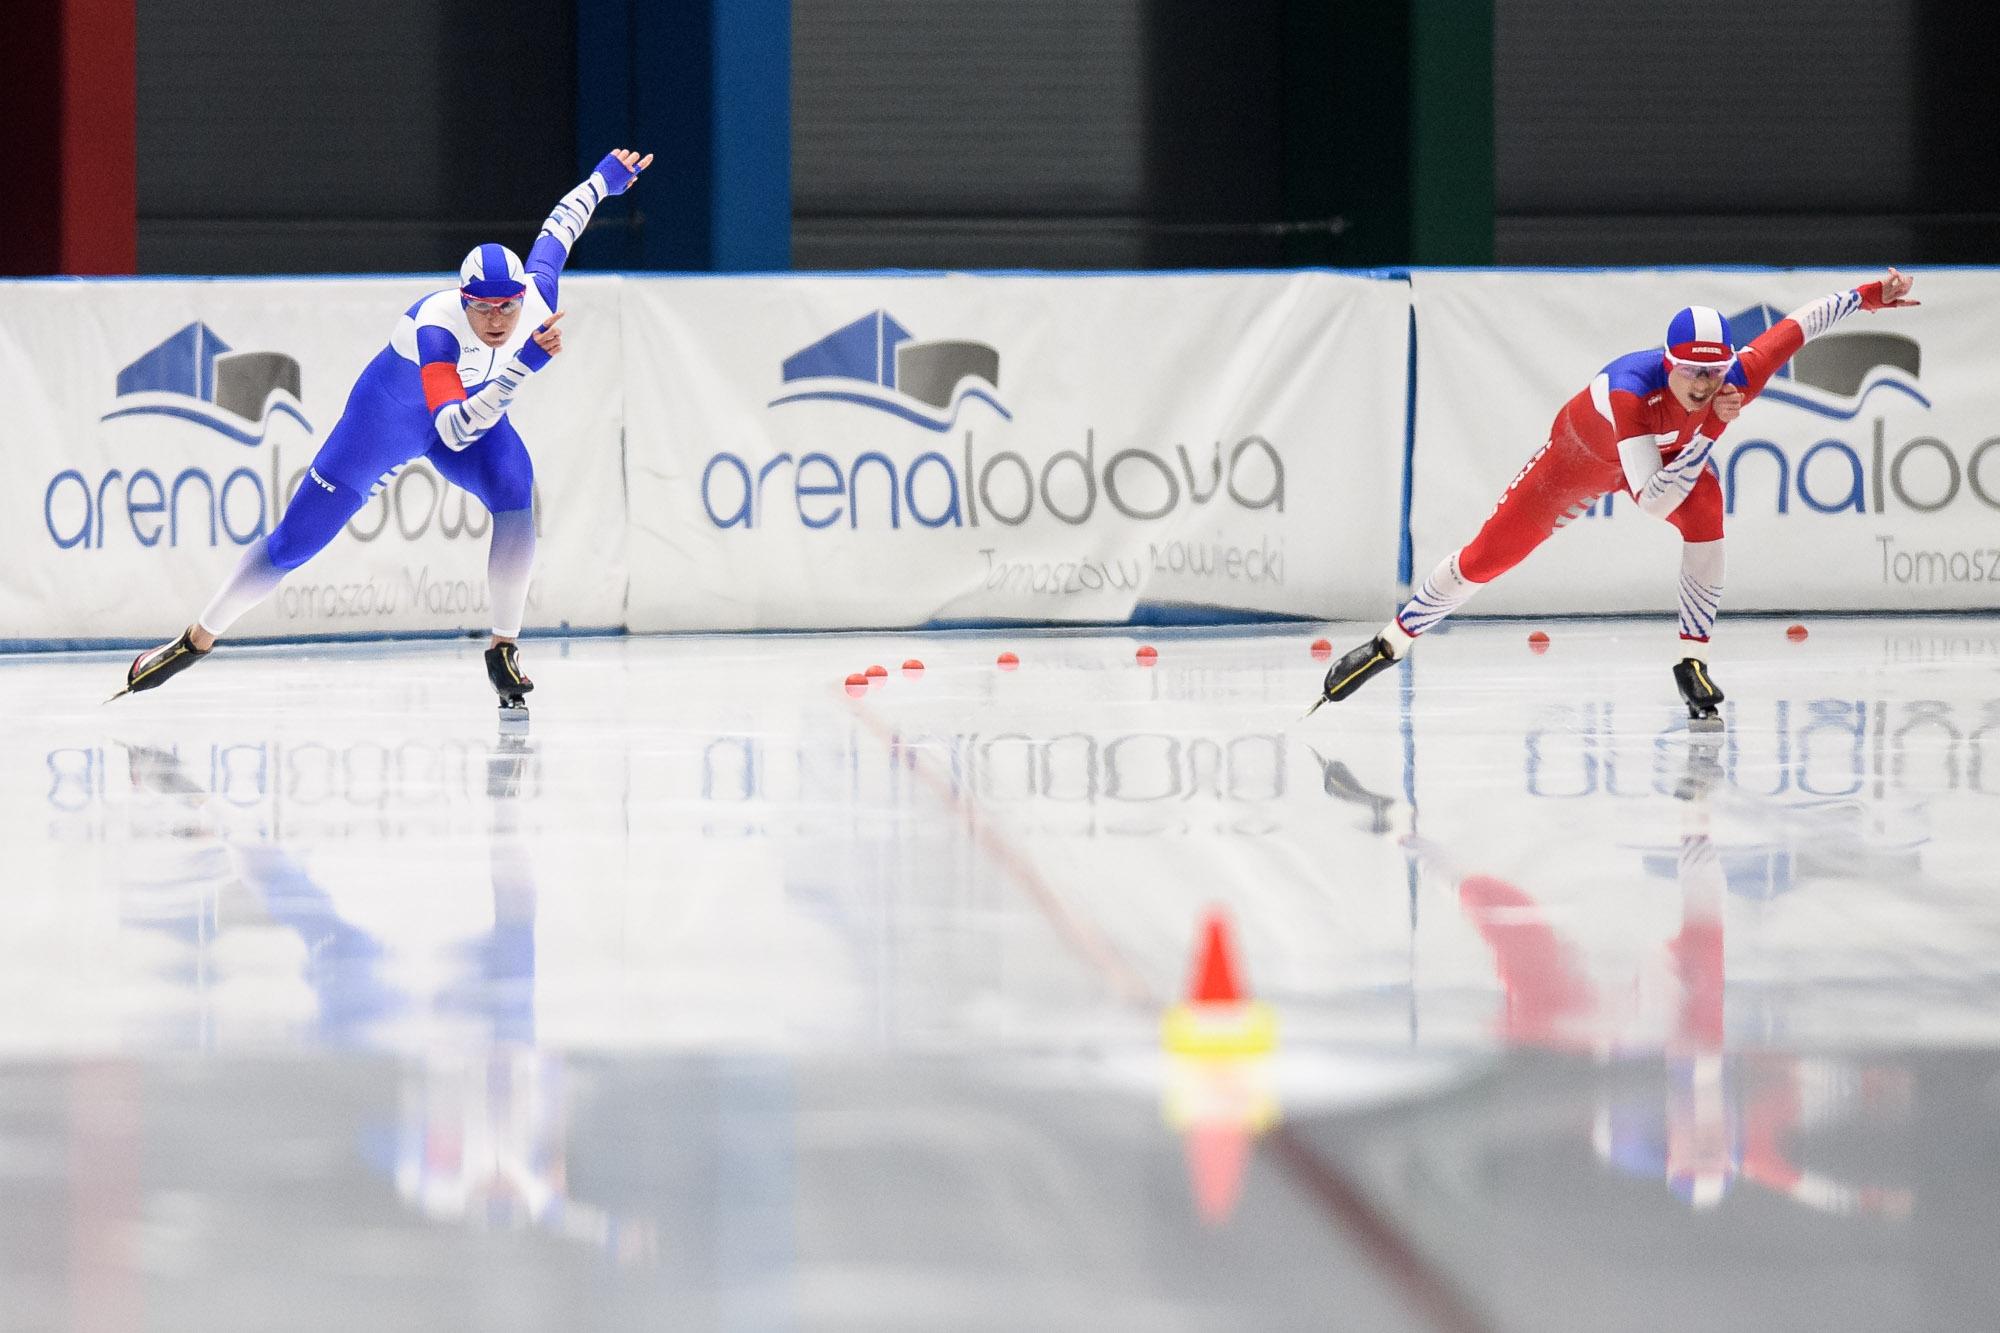 arena lodowa mistrzostwa 2019